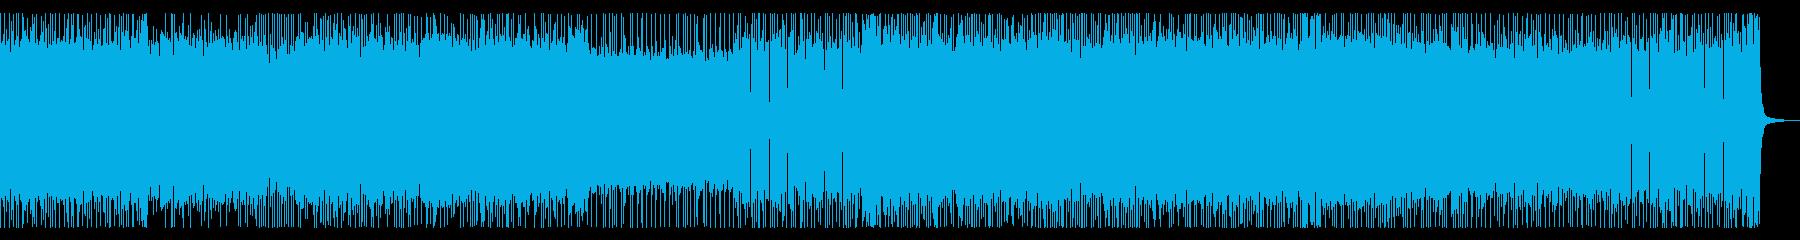 アクションバトルシーン風メタルロック曲の再生済みの波形